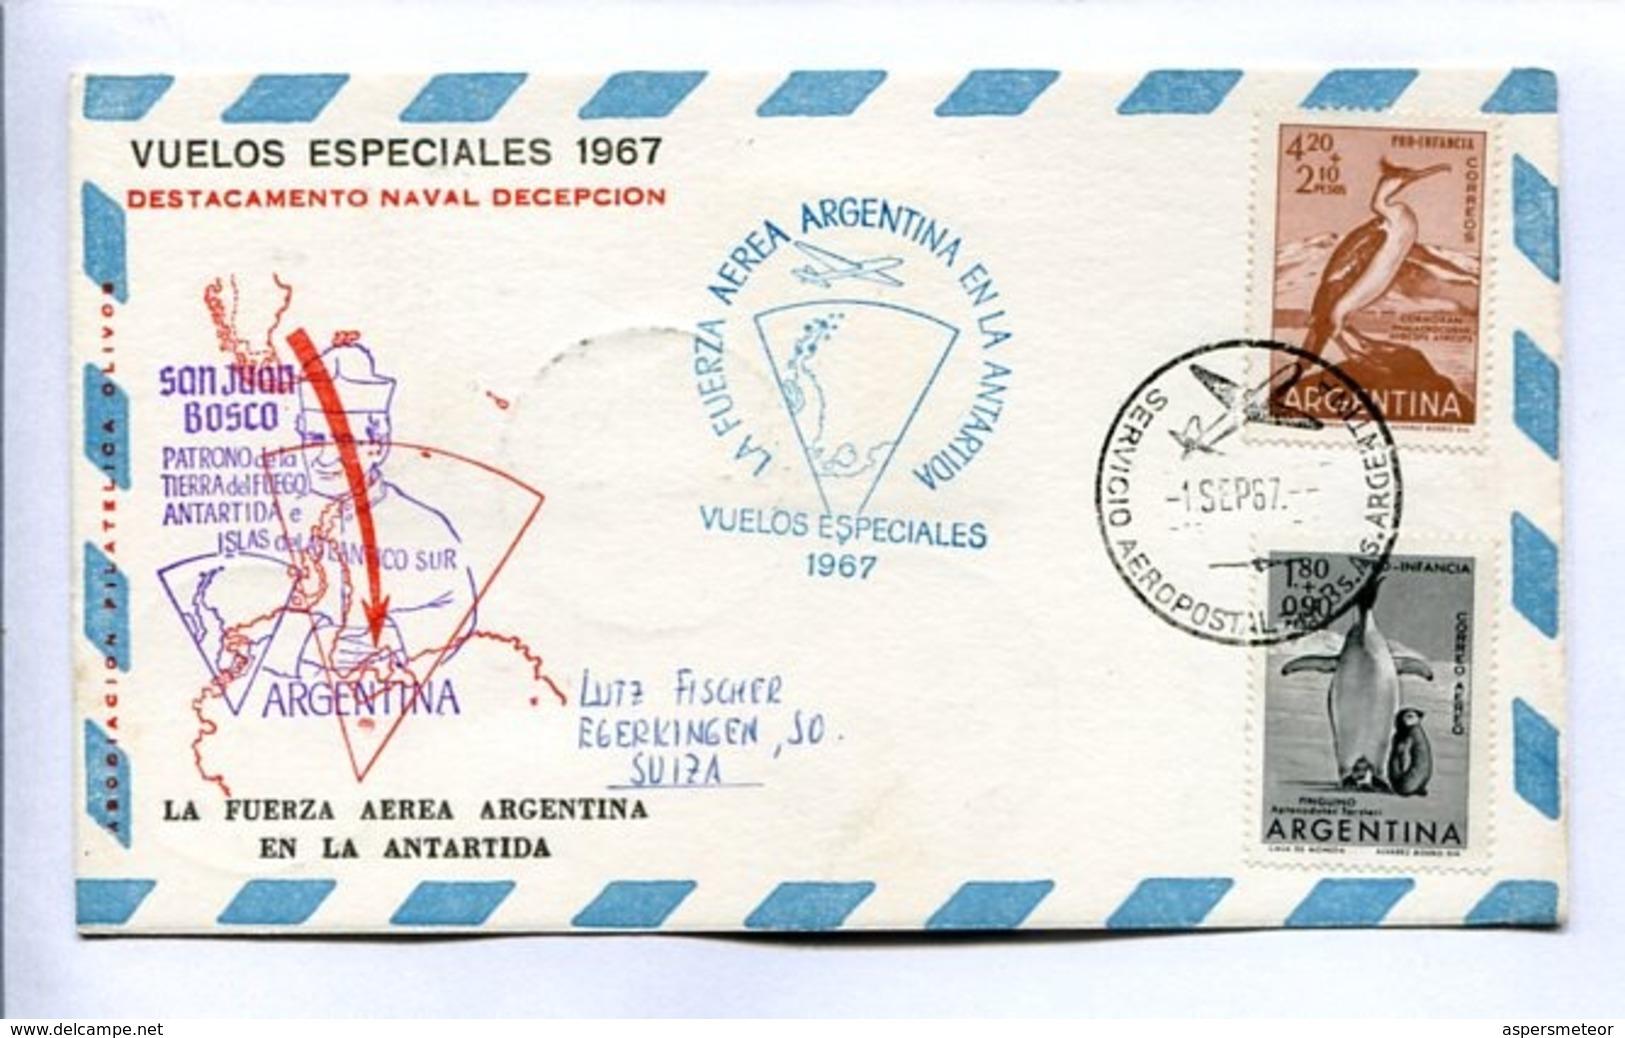 VUELOS ESPECIALES 1967 - DESTACAMENTO NAVAL DECEPCIÓN. FUERZA AEREA ARGENTINA EN LA ANTÁRTIDA. CARTE PAR AVION -LILHU - Voli Polari